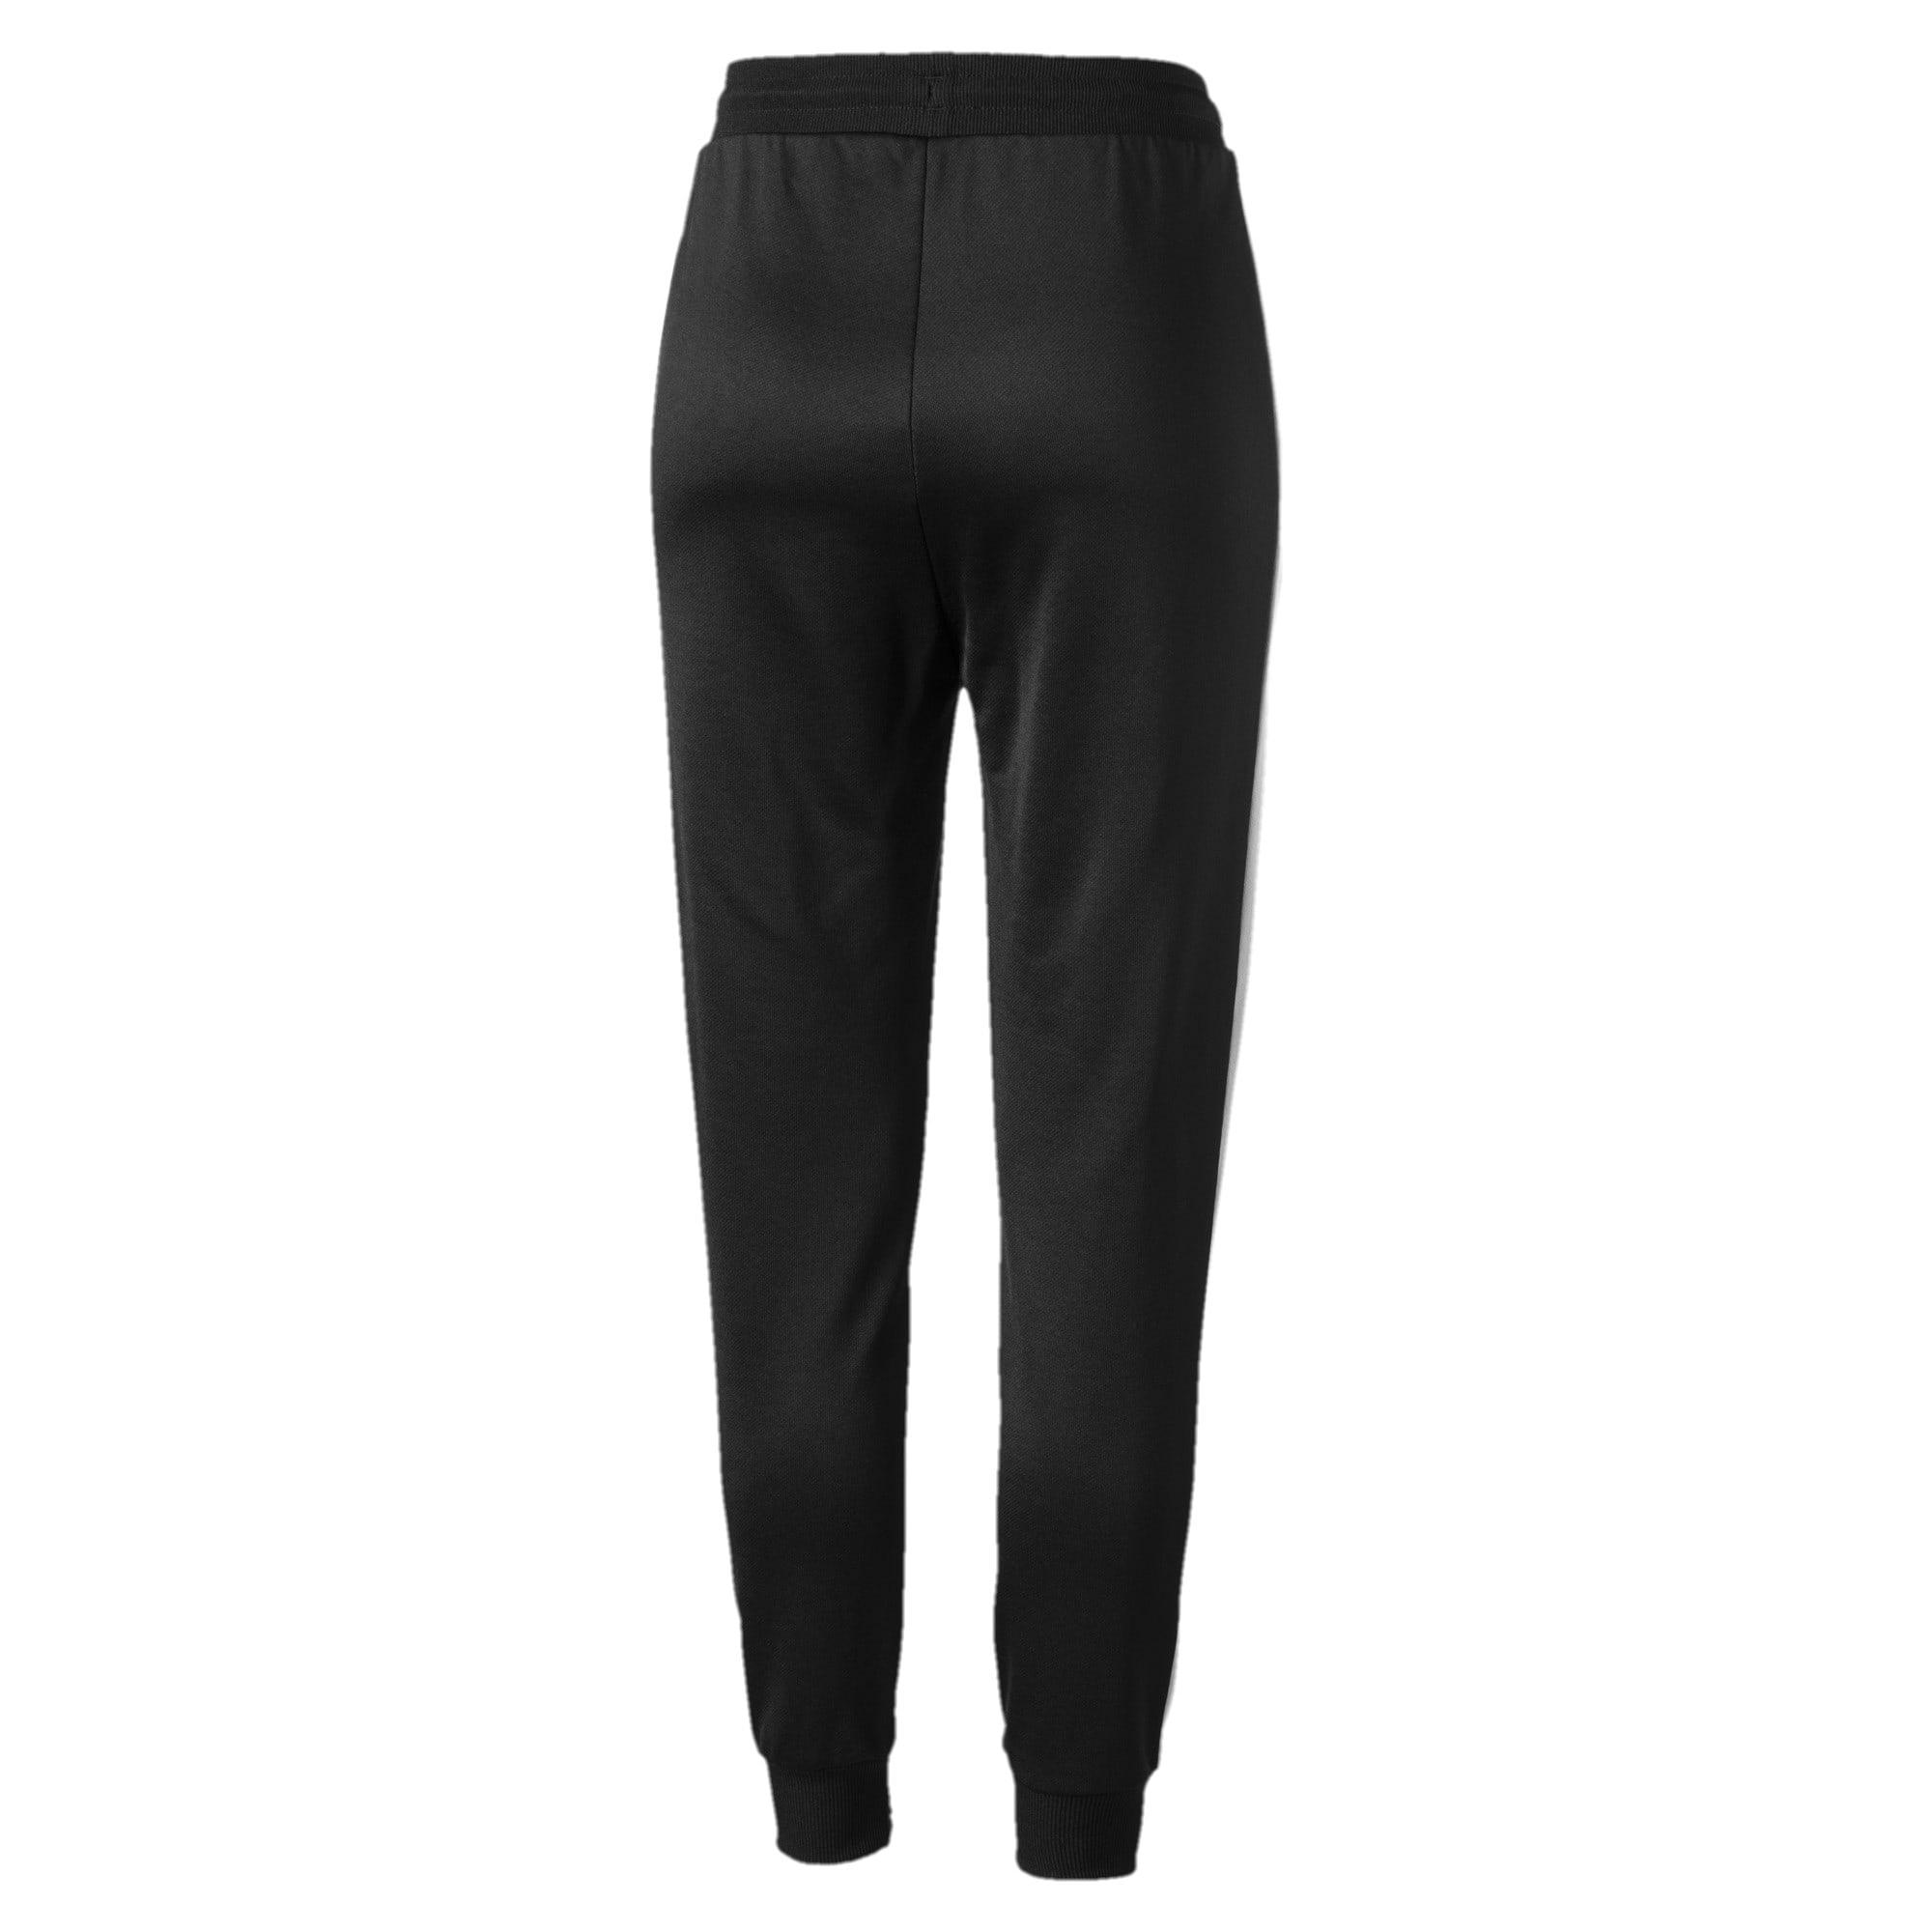 Miniatura 3 de Pantalones deportivos Classics T7 PT, Puma Black, mediano